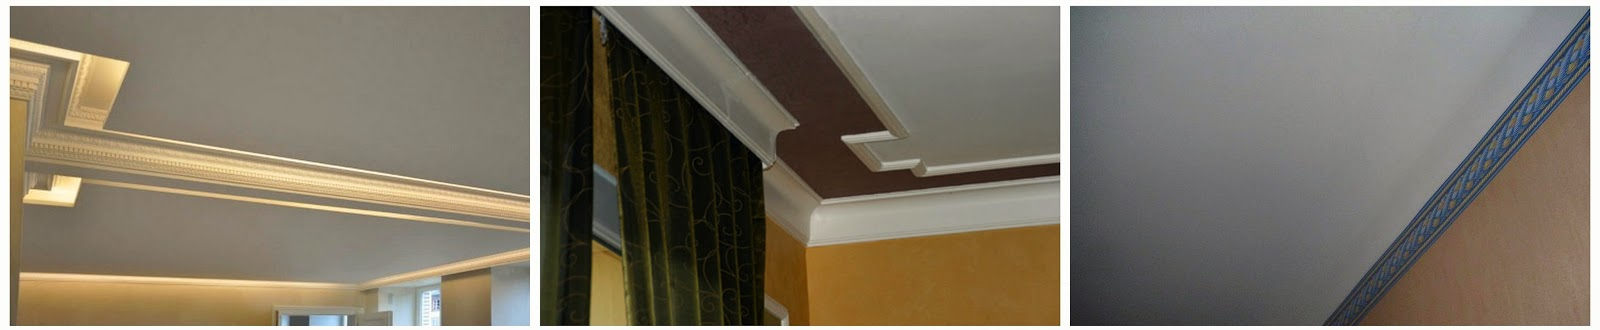 devis peinture plafond paris